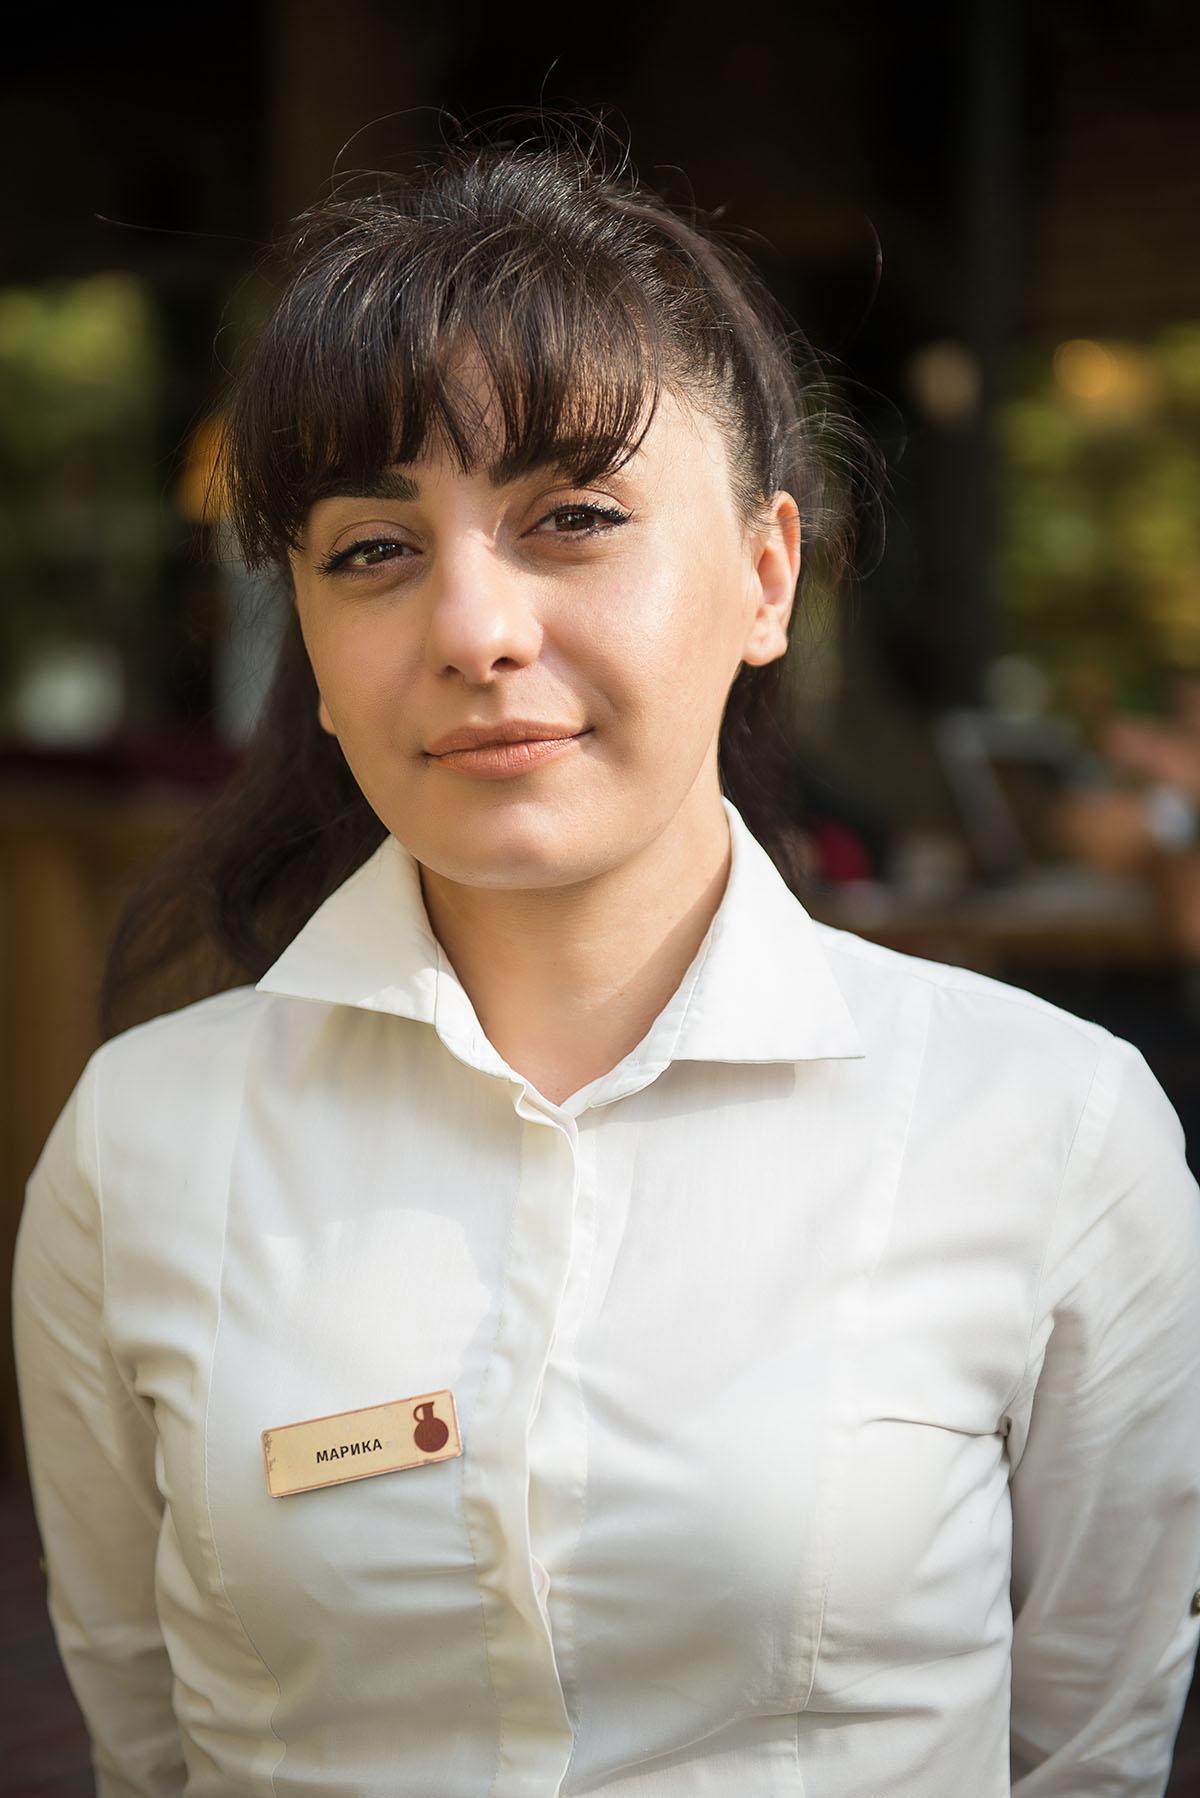 Марика родилась в Кутаиси, который на её родном языке пишется так: ქუთაისი.